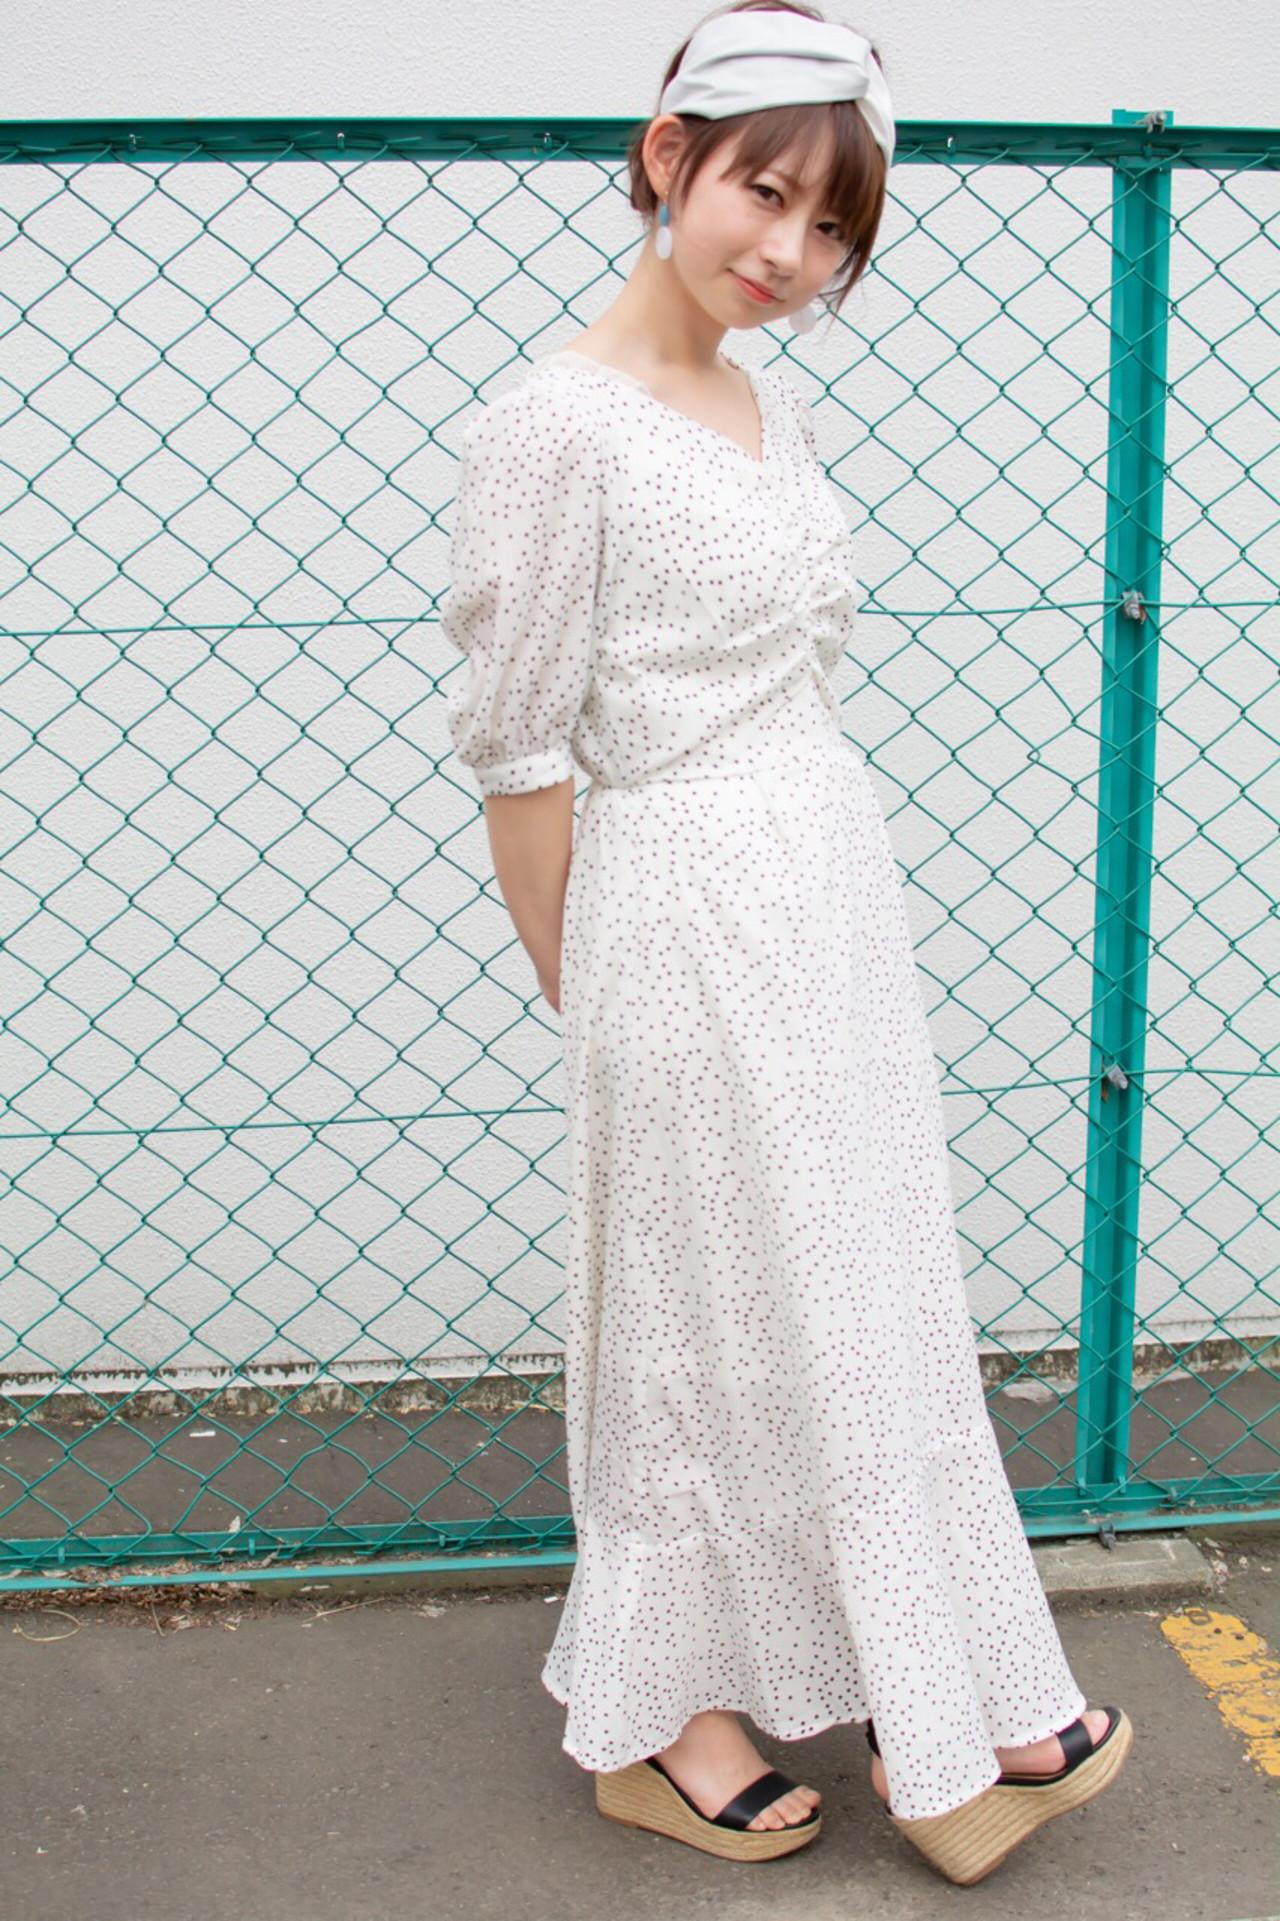 フェミニン ボブ 抜け感 女子力 ヘアスタイルや髪型の写真・画像